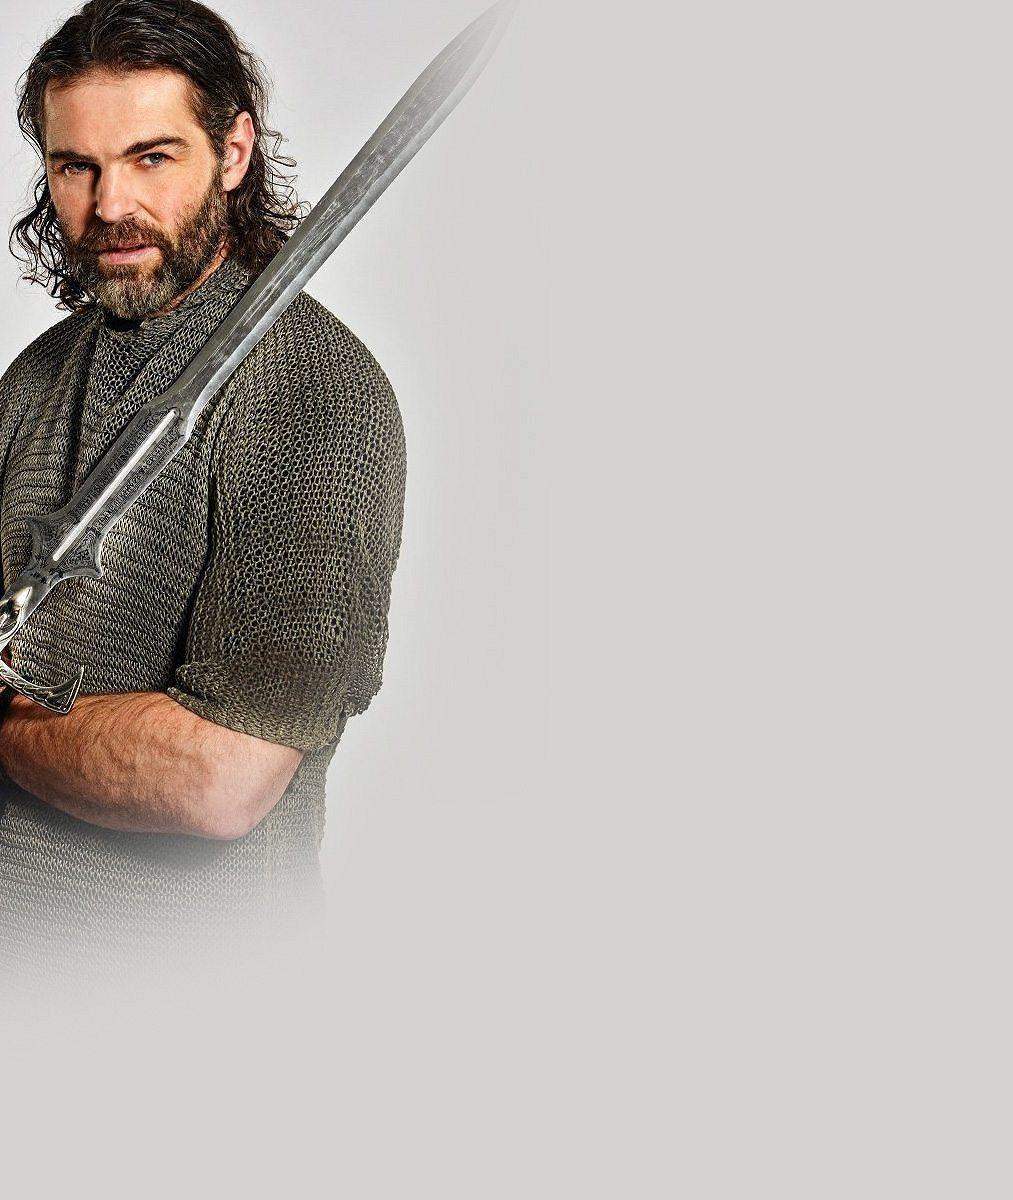 Jaromír Jágr oblékl rytířskou zbroj a promluvil o nestydatých myšlenkách